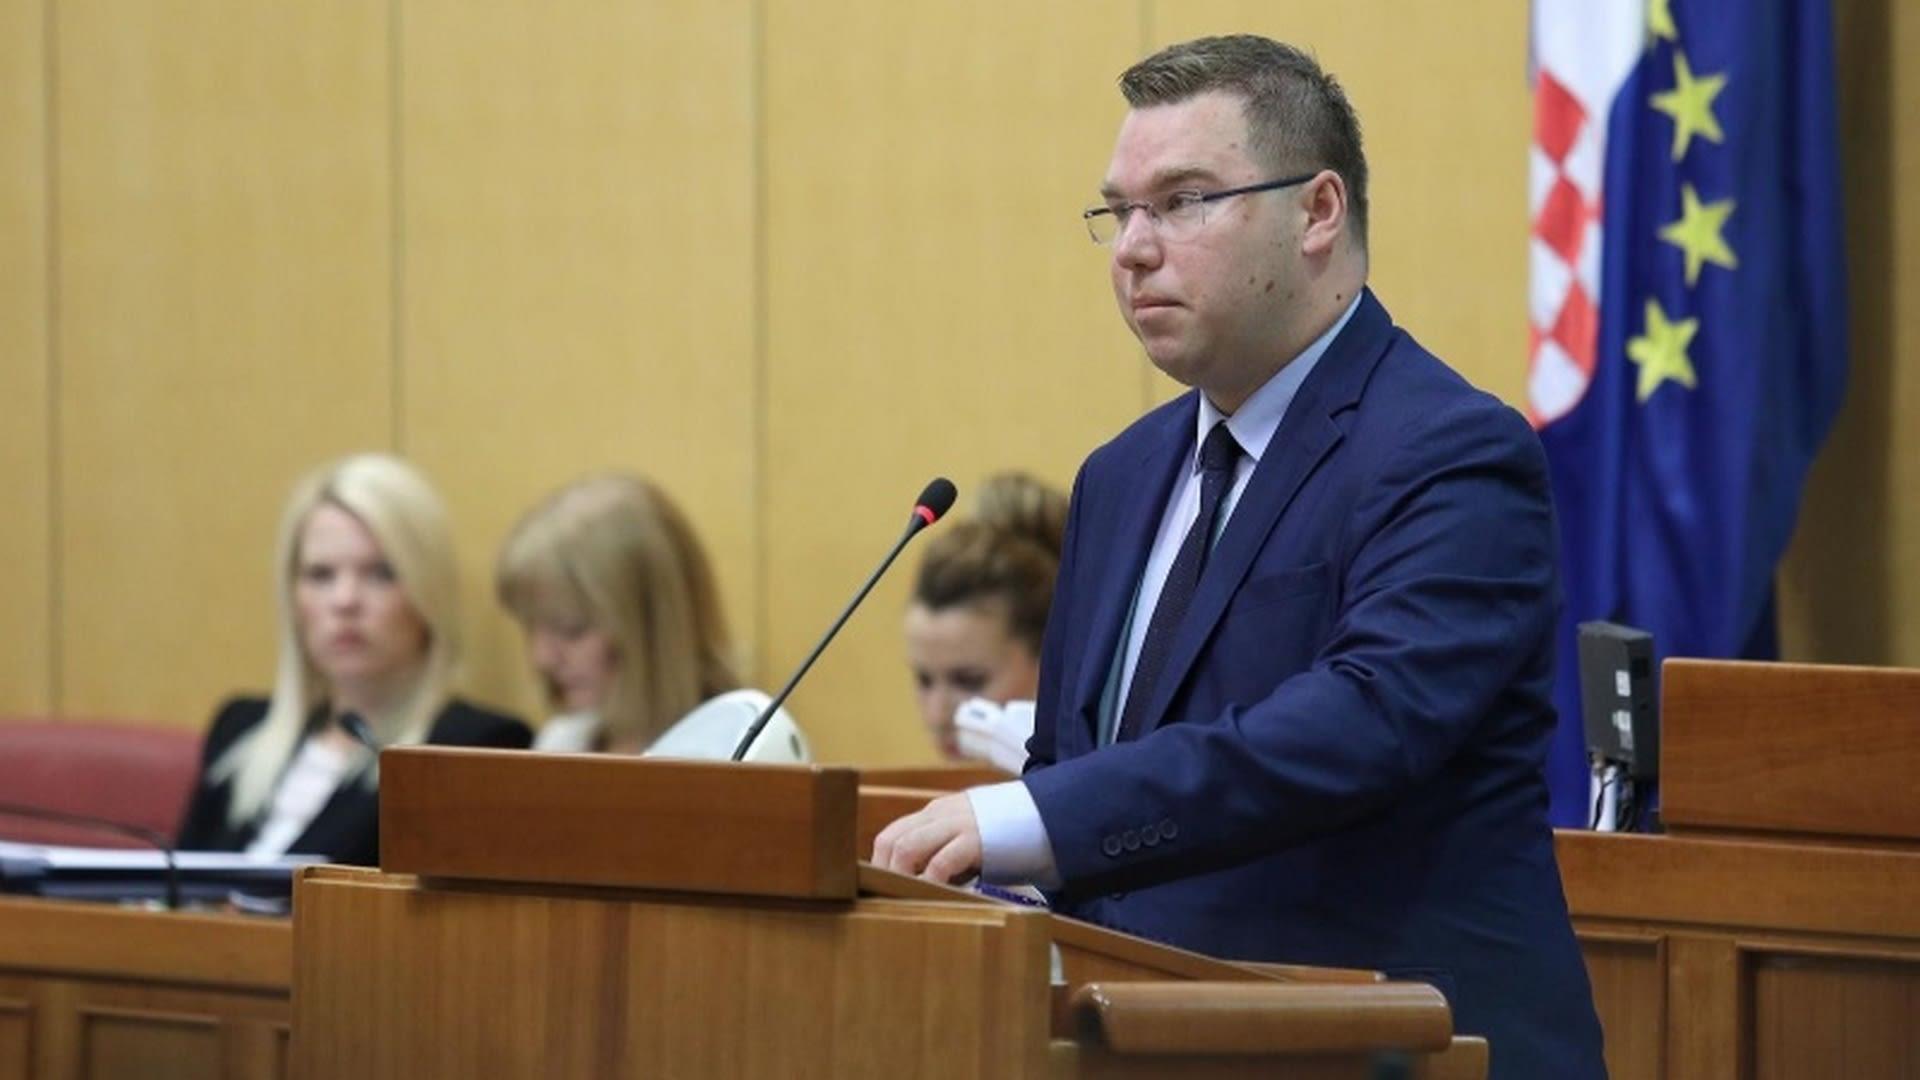 Ministro de Trabajo y Jubilación Tomislav Pavić. (Foto: Patrik Macek/PIXSELL)